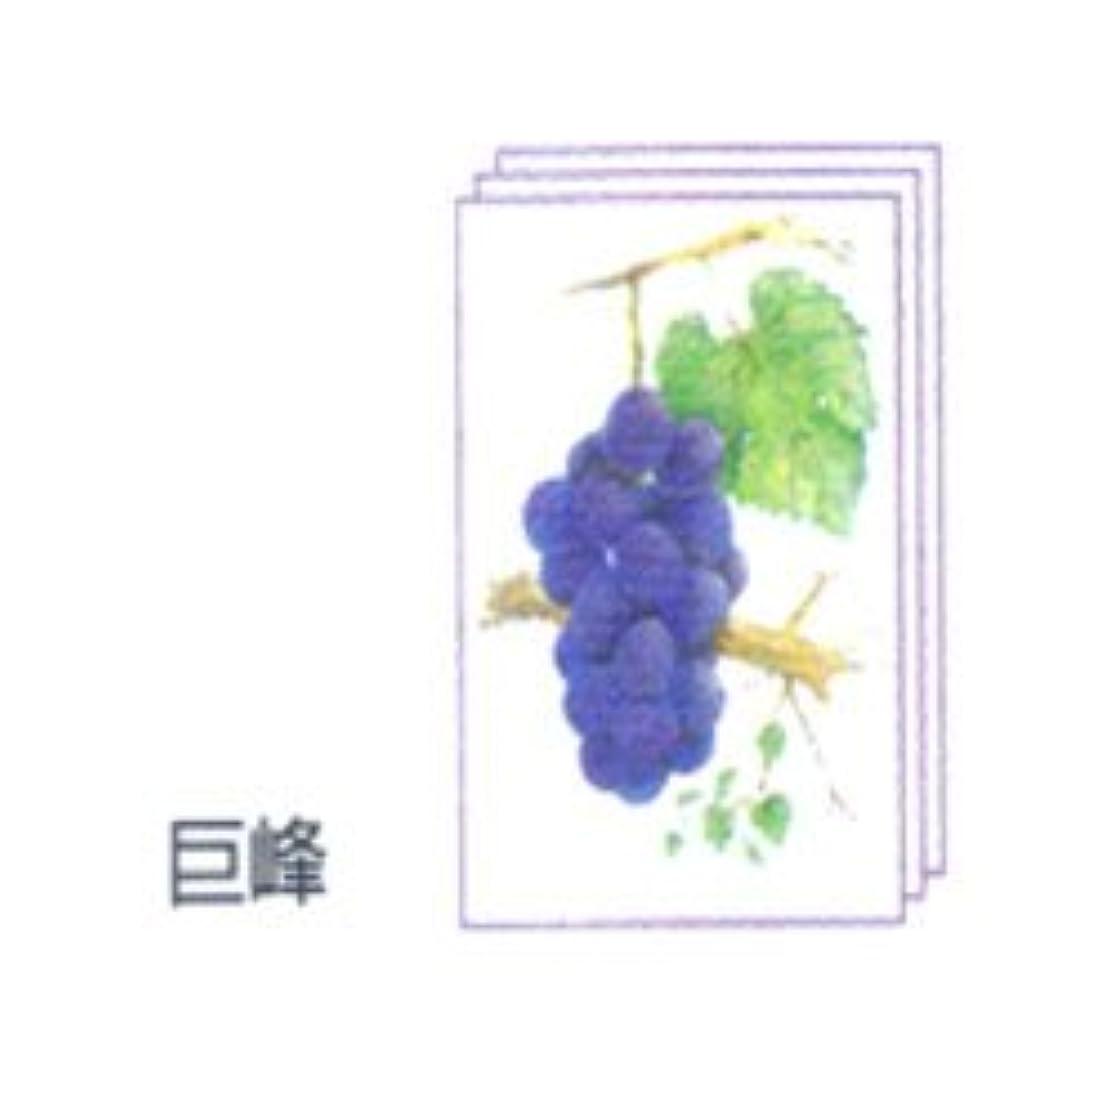 民主党翻訳するアリ塗り絵物語 枝付の果物編 ※巨峰